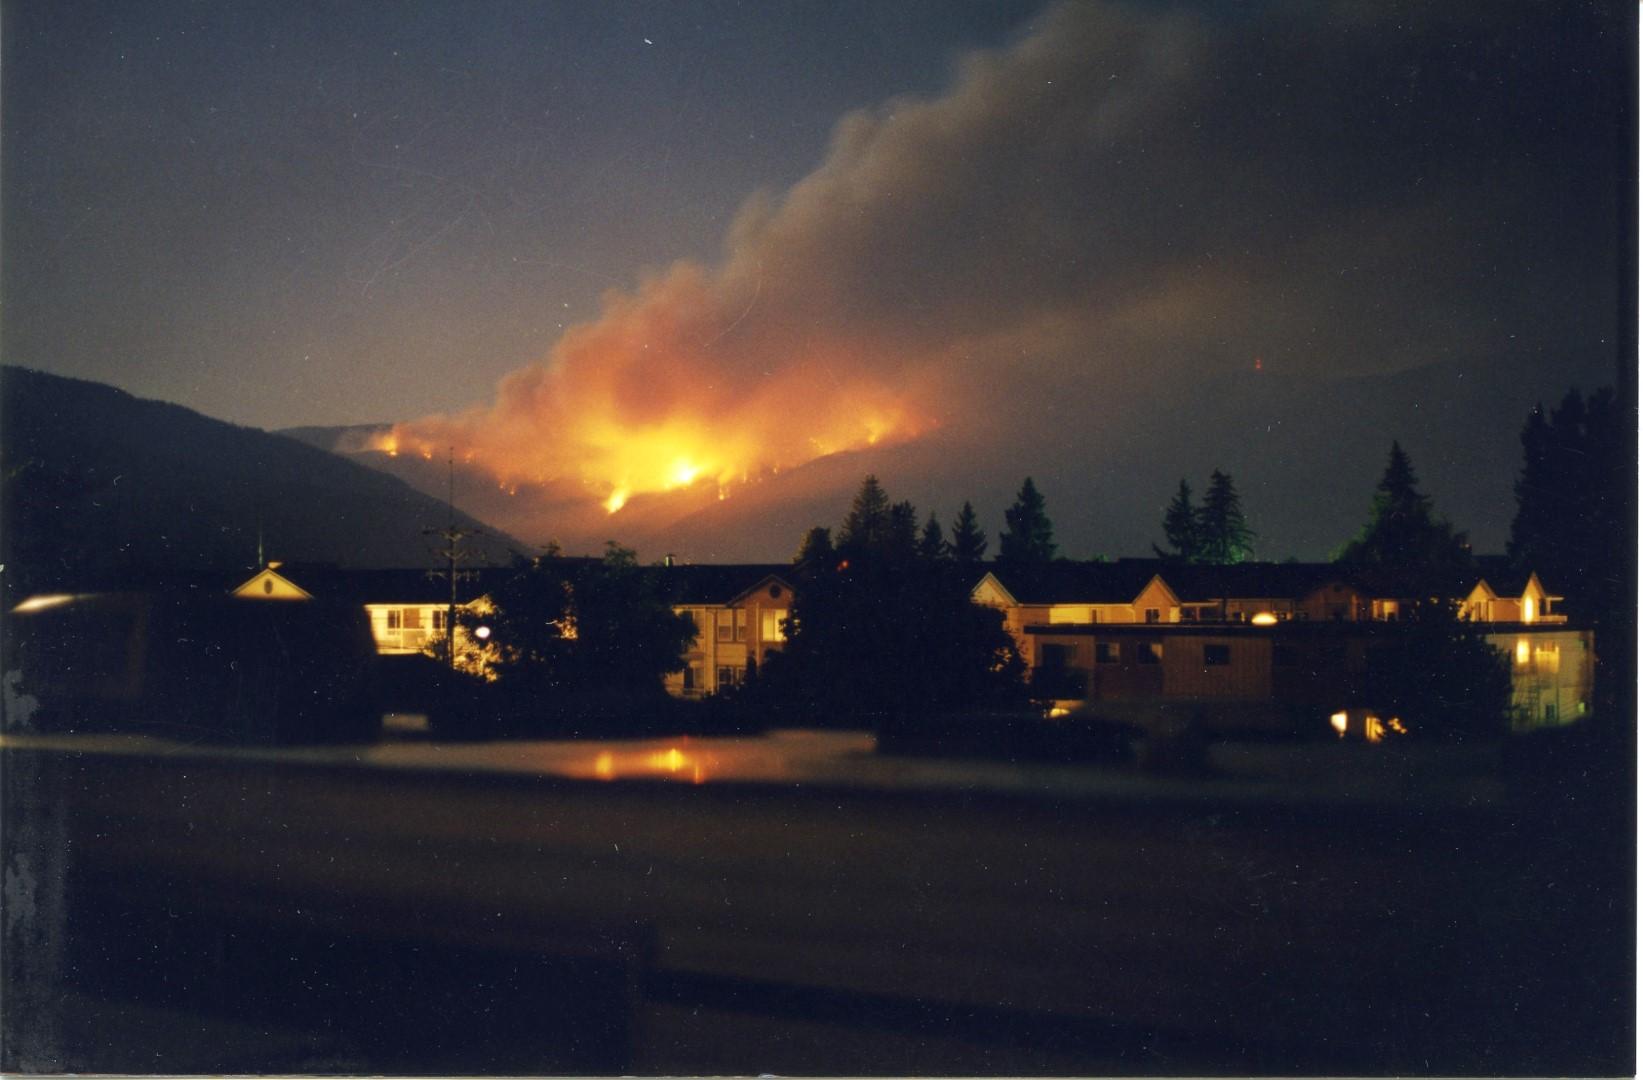 Incendie faisant rage la nuit. Bâtiments éclairés au premier plan.